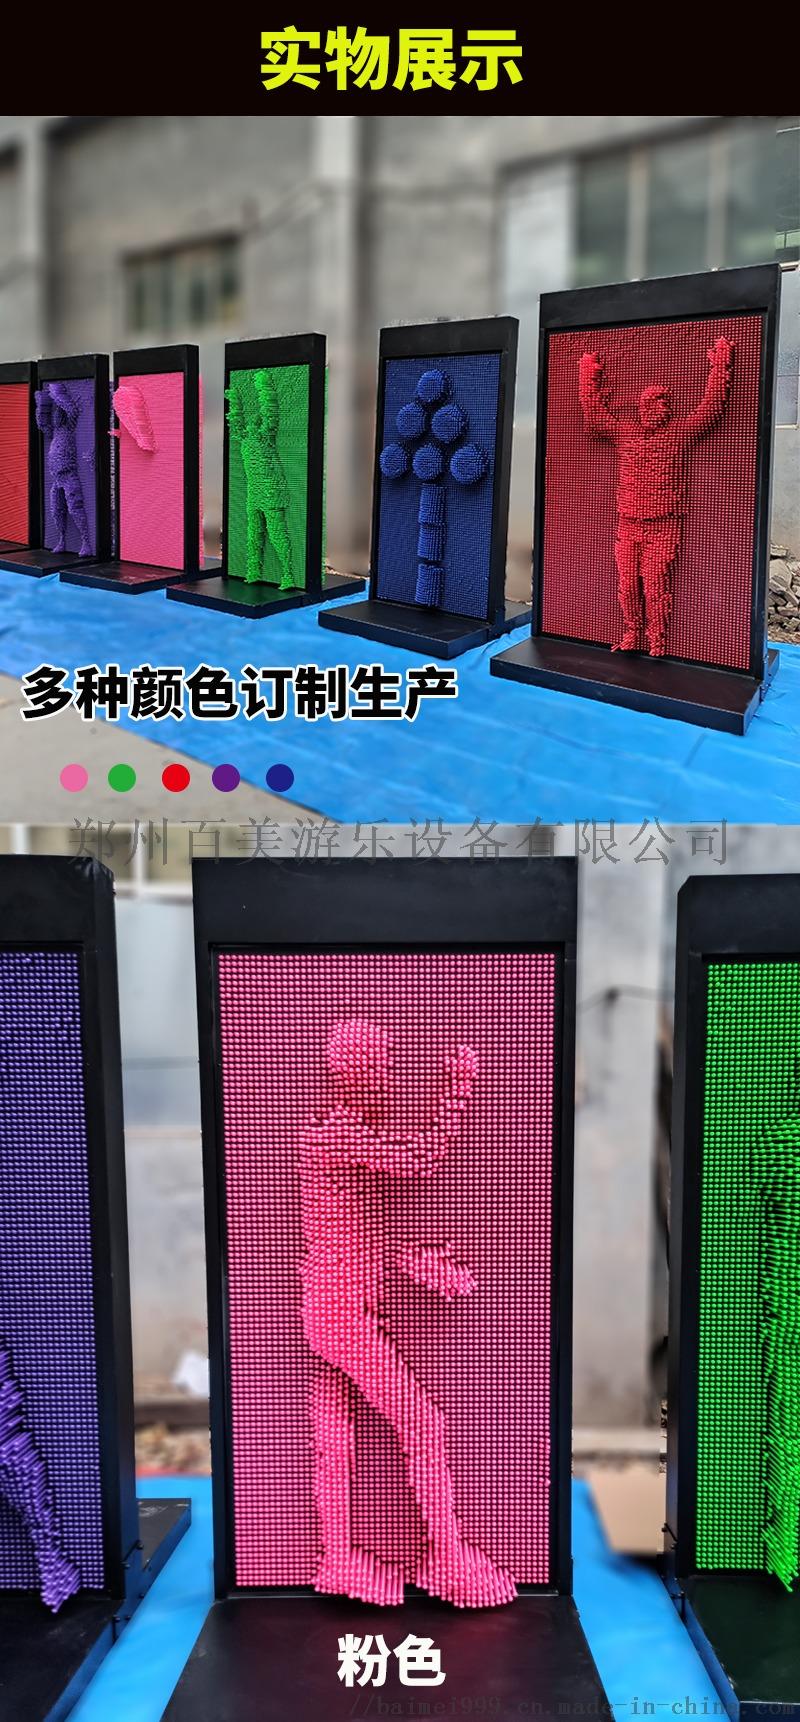 三维针雕墙实物展示00_01.jpg